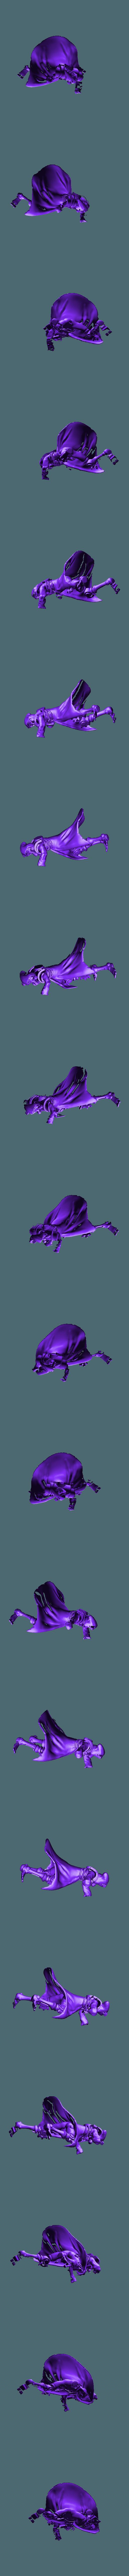 Ranger_4.1_-_Body.stl Télécharger fichier STL gratuit Rangers mécanisés martiens • Plan à imprimer en 3D, ErikTheHeretek